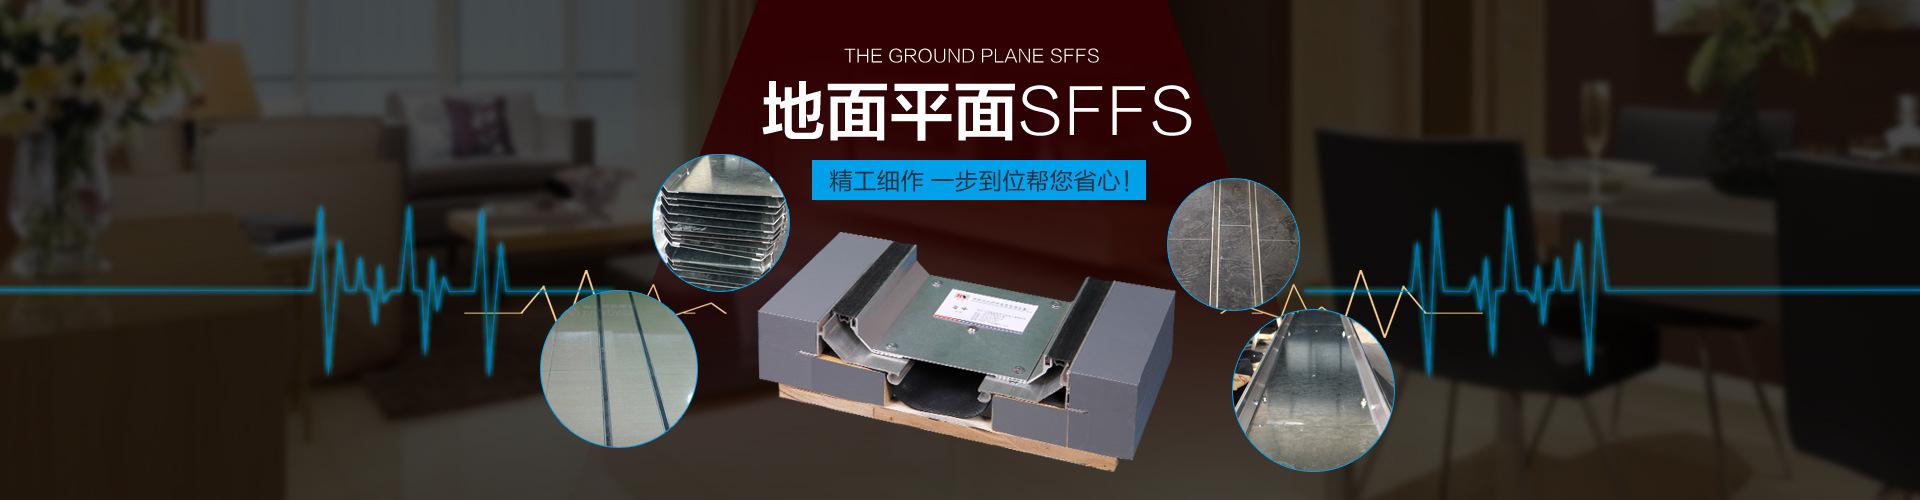 北京屋面变形缝,北京地面变形缝,北京顶棚变形缝